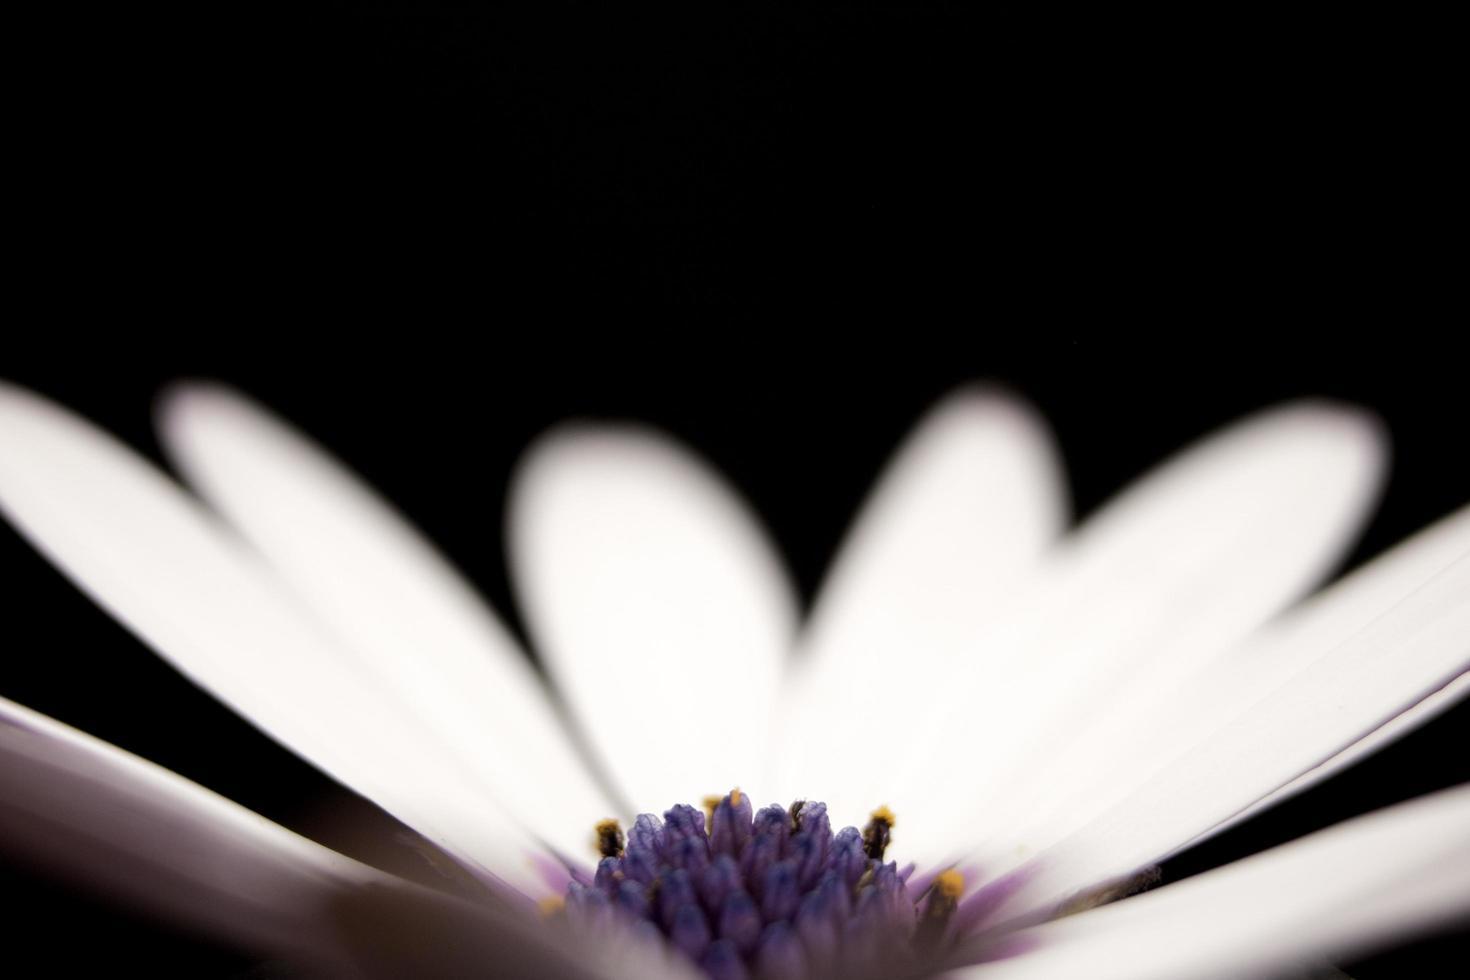 pétales de fleurs blanches et violettes sur fond noir photo